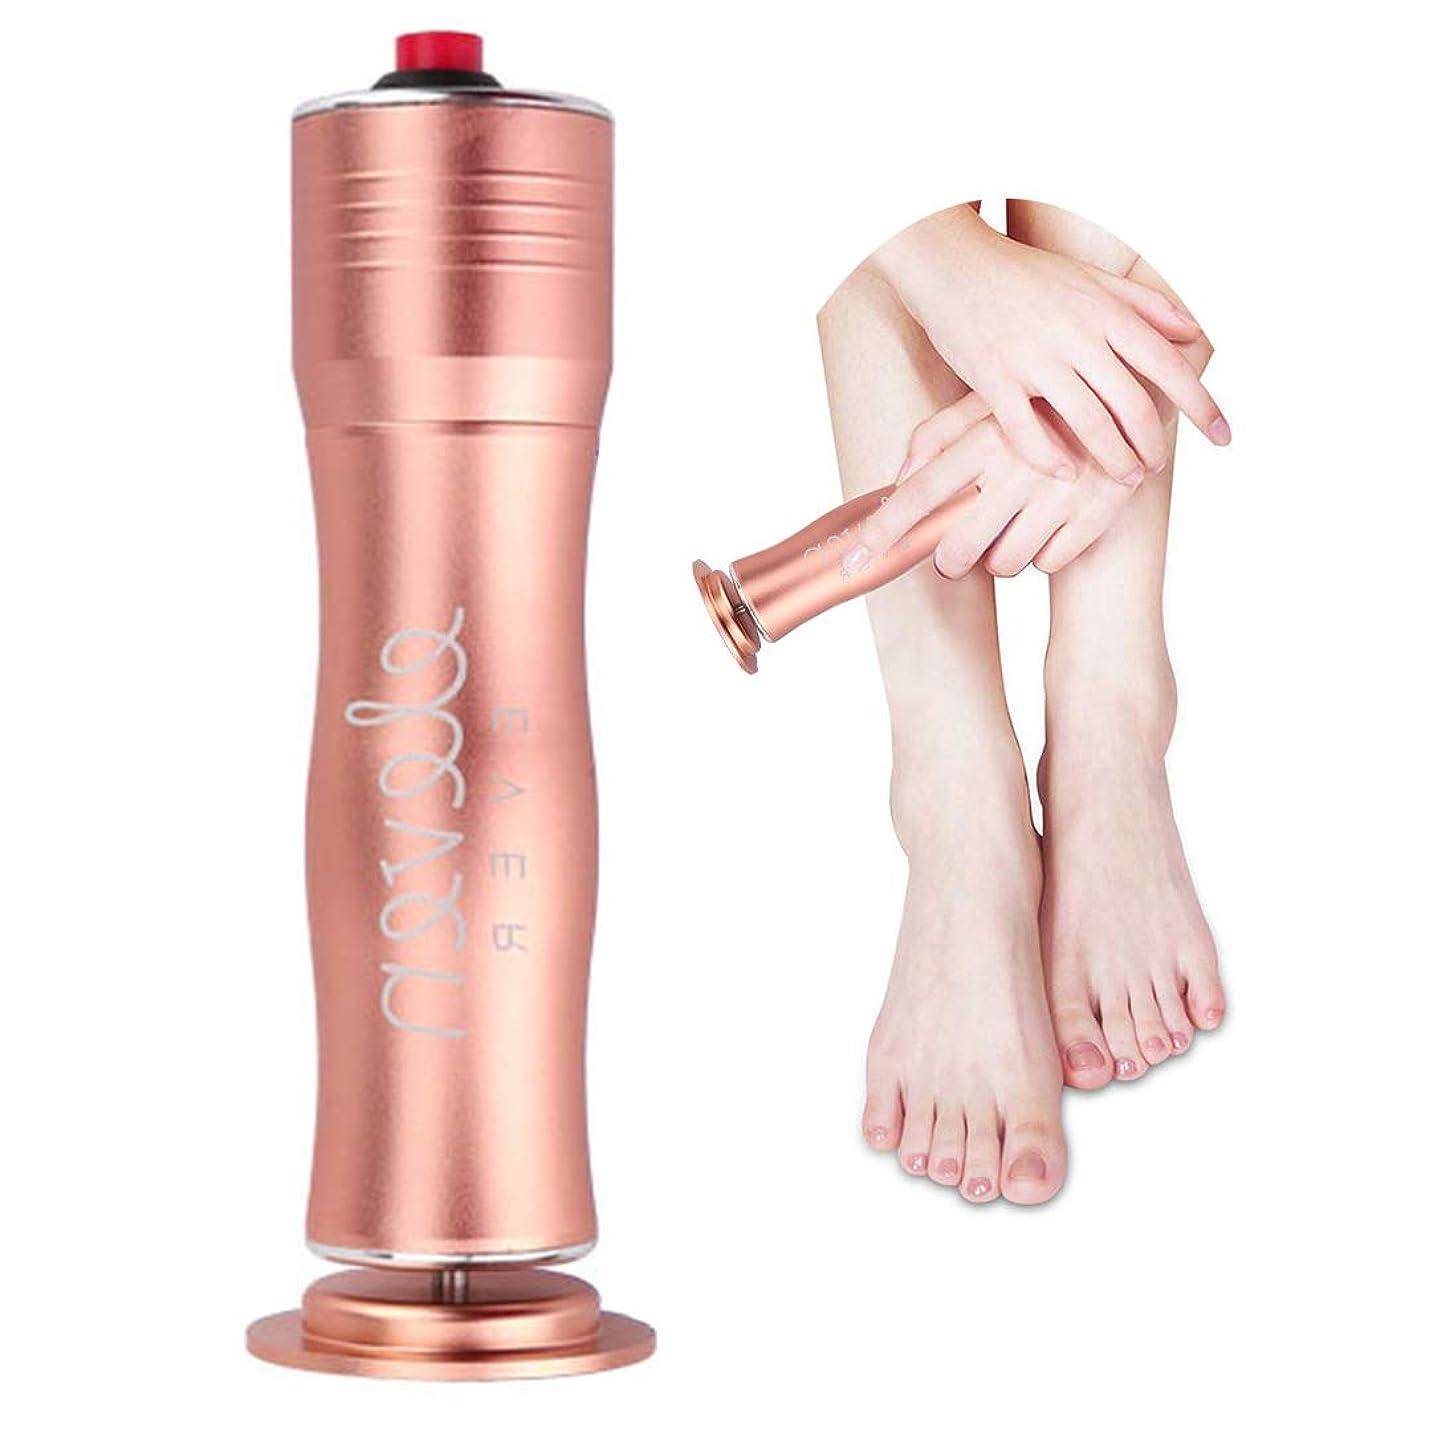 否認する抜粋インタラクション電動角質リムーバー 角質取り スピーディに足の角質を除去可能 速度調節可能 清潔的 衛生的な足部ケア道具 磨足器 ペディキュアマシン 使い捨てのサンドペーパー付き 男女兼用